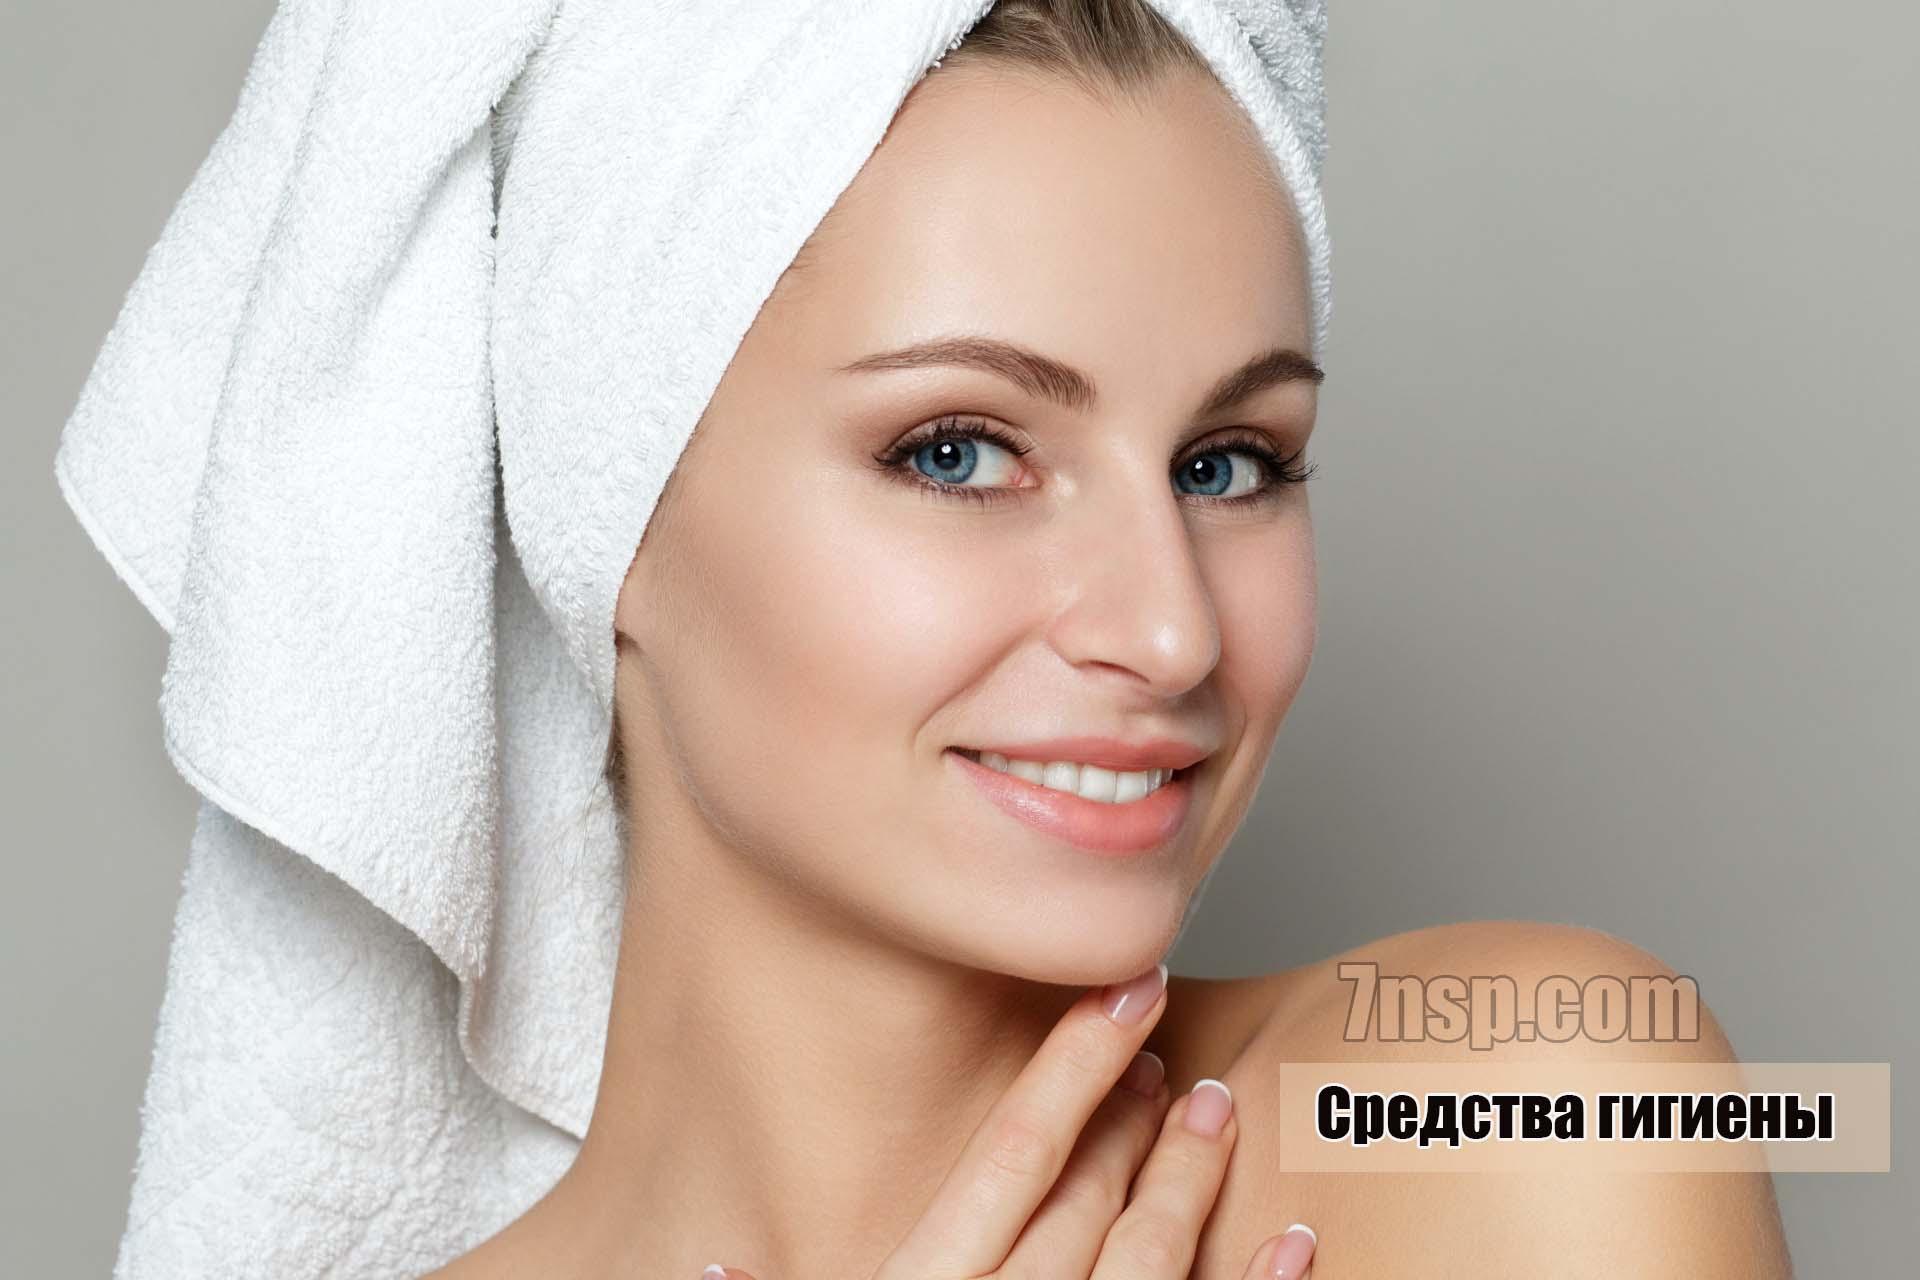 Натуральные индивидуальные средства личной гигиены сетевой косметики из США - зубные пасты, шампуни, гели, кремы до и после бритья, моющие средства